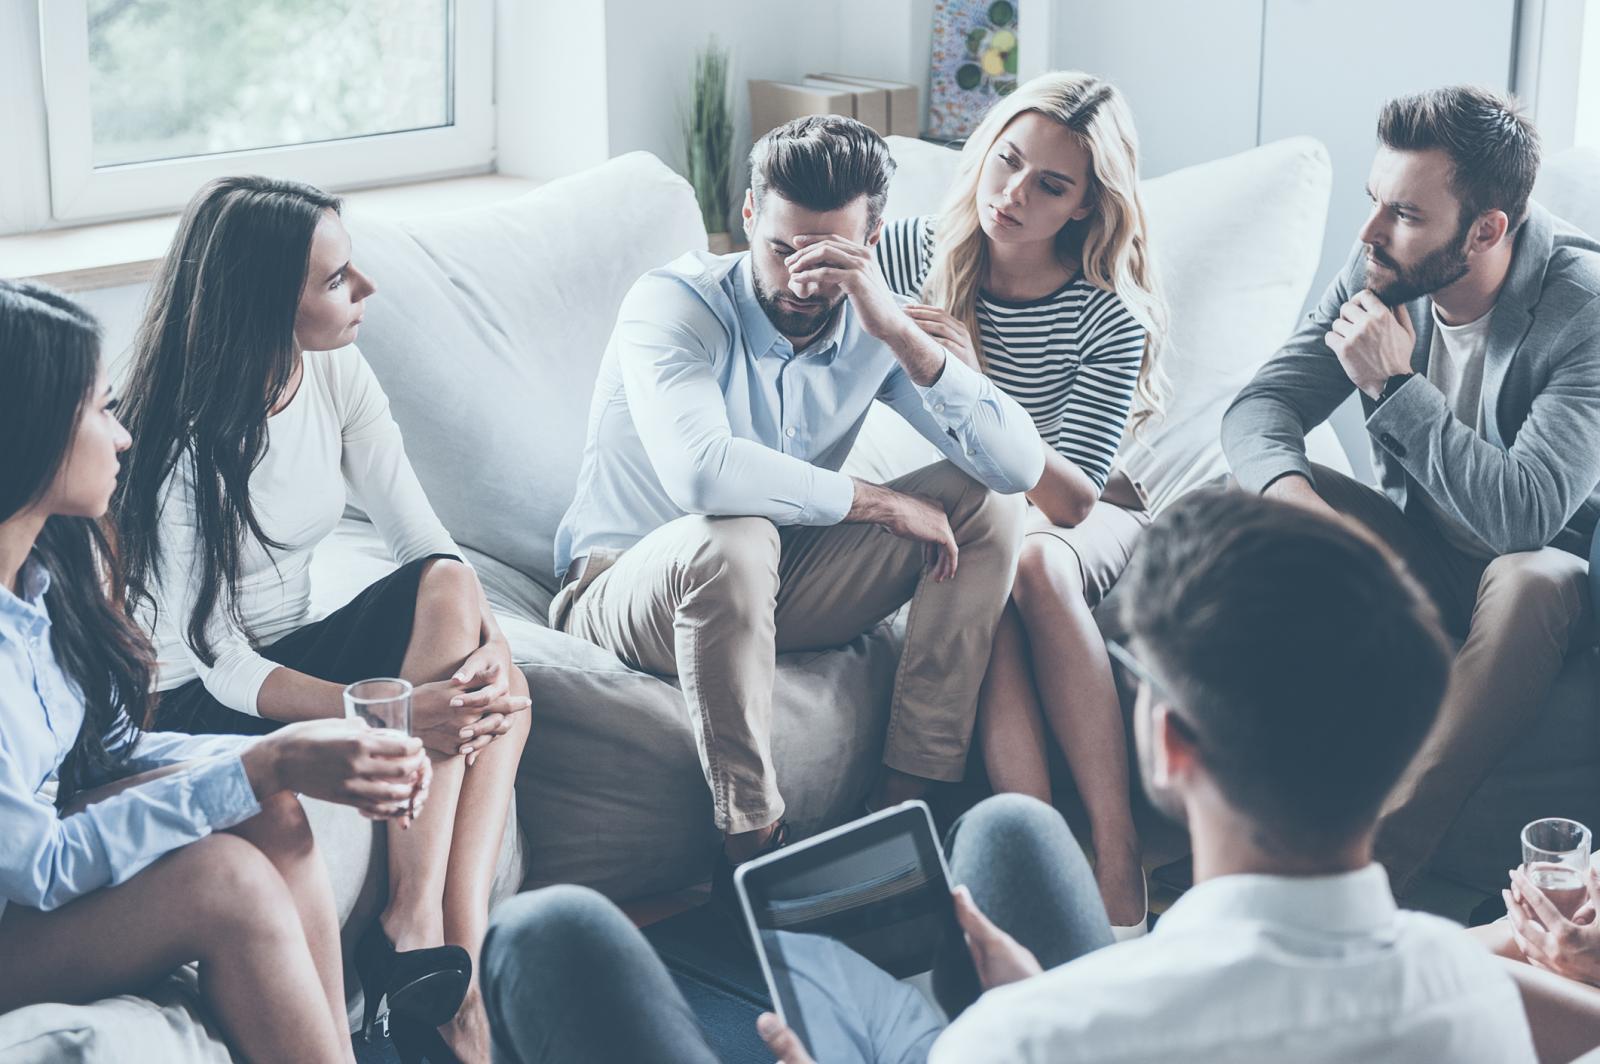 Ako ste i sami zainteresirani za osobni rast i razvoj, razmotrite psihodramu kao jedan od načina psihoterapije.